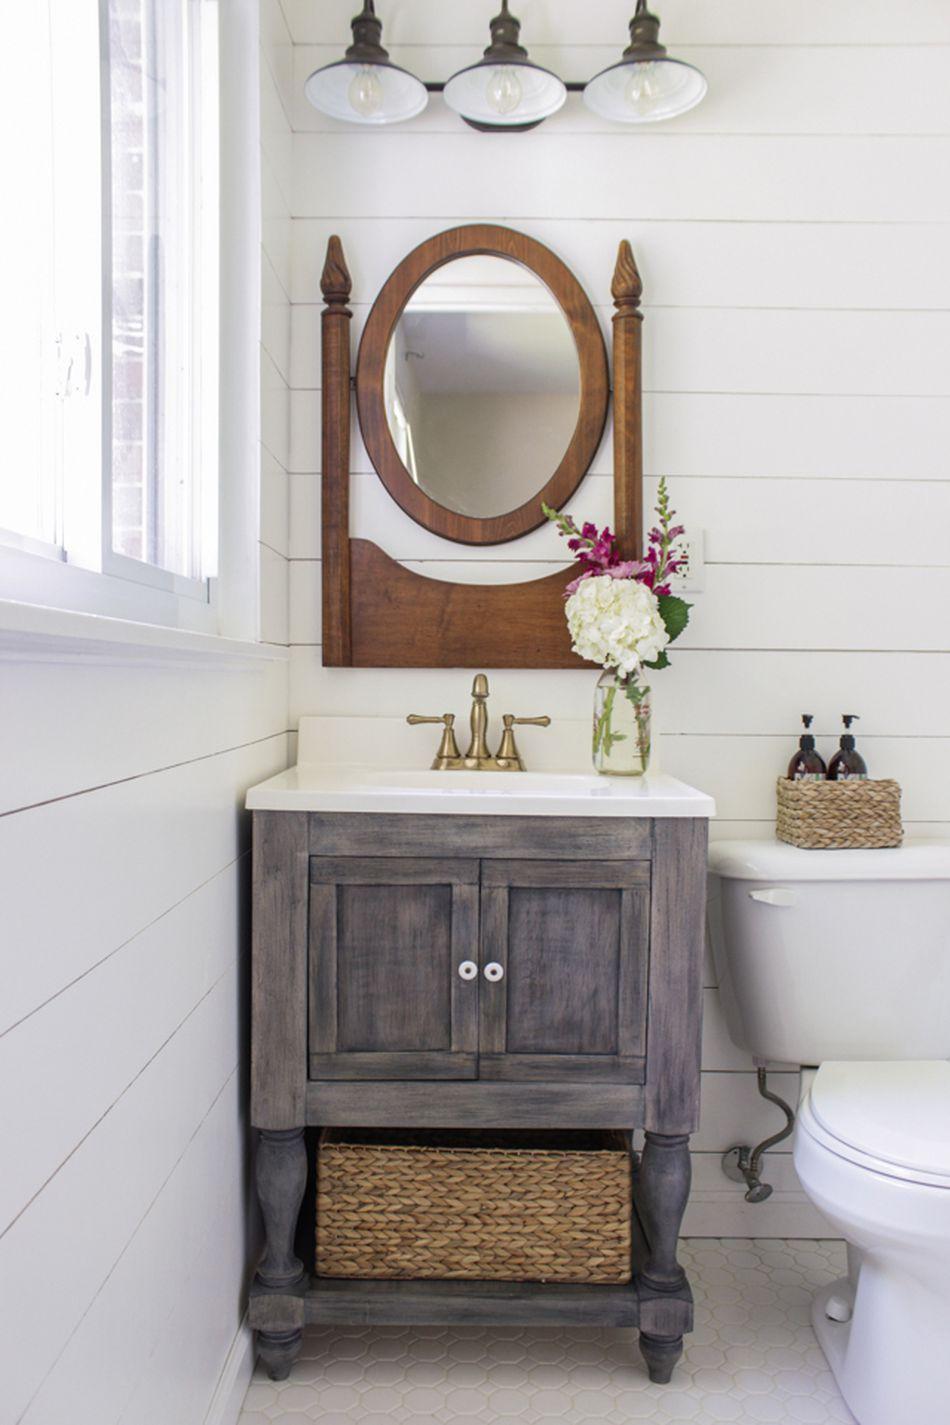 https://www.thebalanceeveryday.com/thmb/TbT-g8ooDECoGI3nqiRF415c12A=/950x0/diy-bathroom-vanity-594406a93df78c537ba769dc.jpg